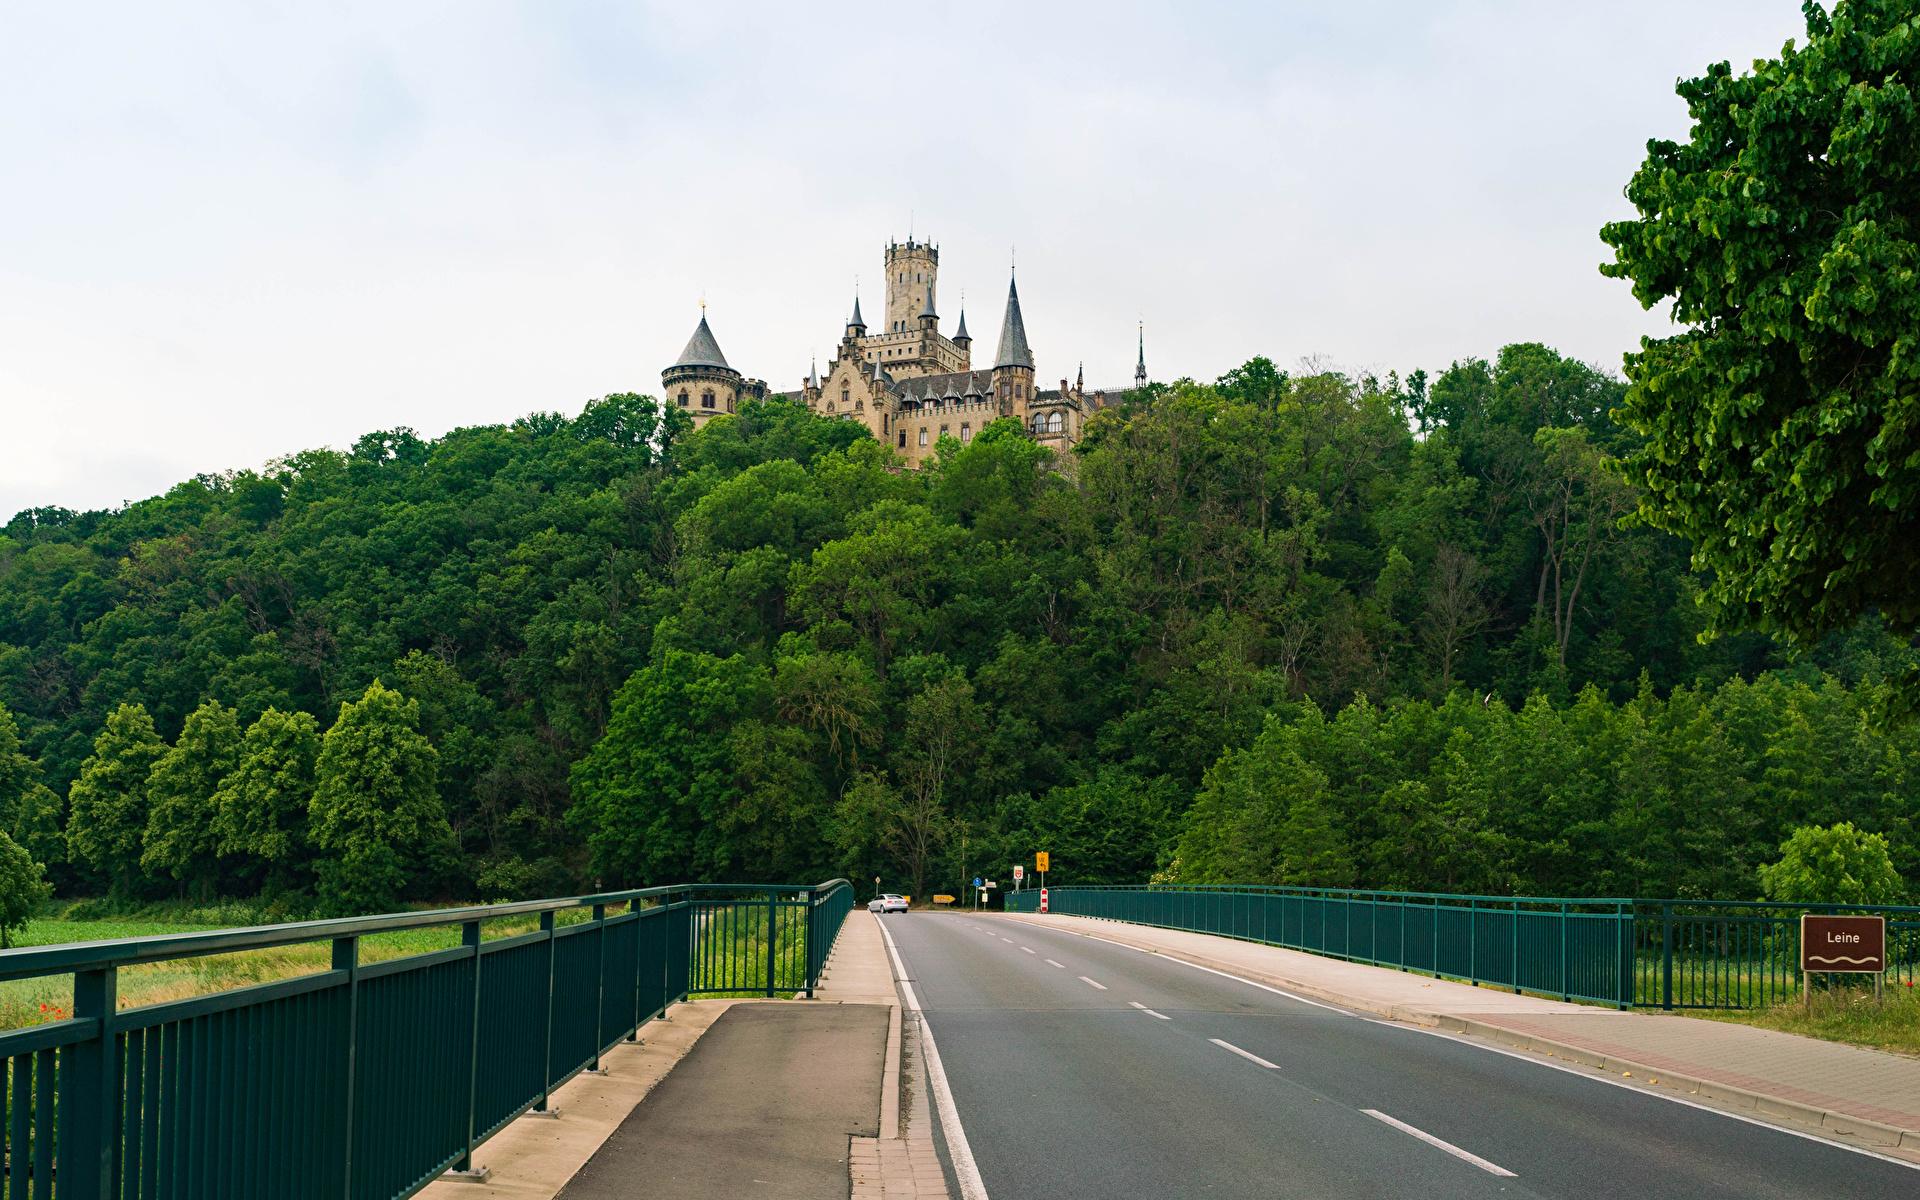 Fotos Deutschland Marienburg castle road in Pattensen Burg Natur Zaun Wald Straße 1920x1200 Wege Wälder